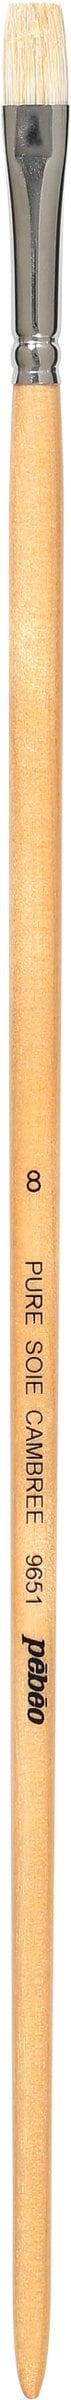 Pebeo Pennello rotondo alu Nr. 16